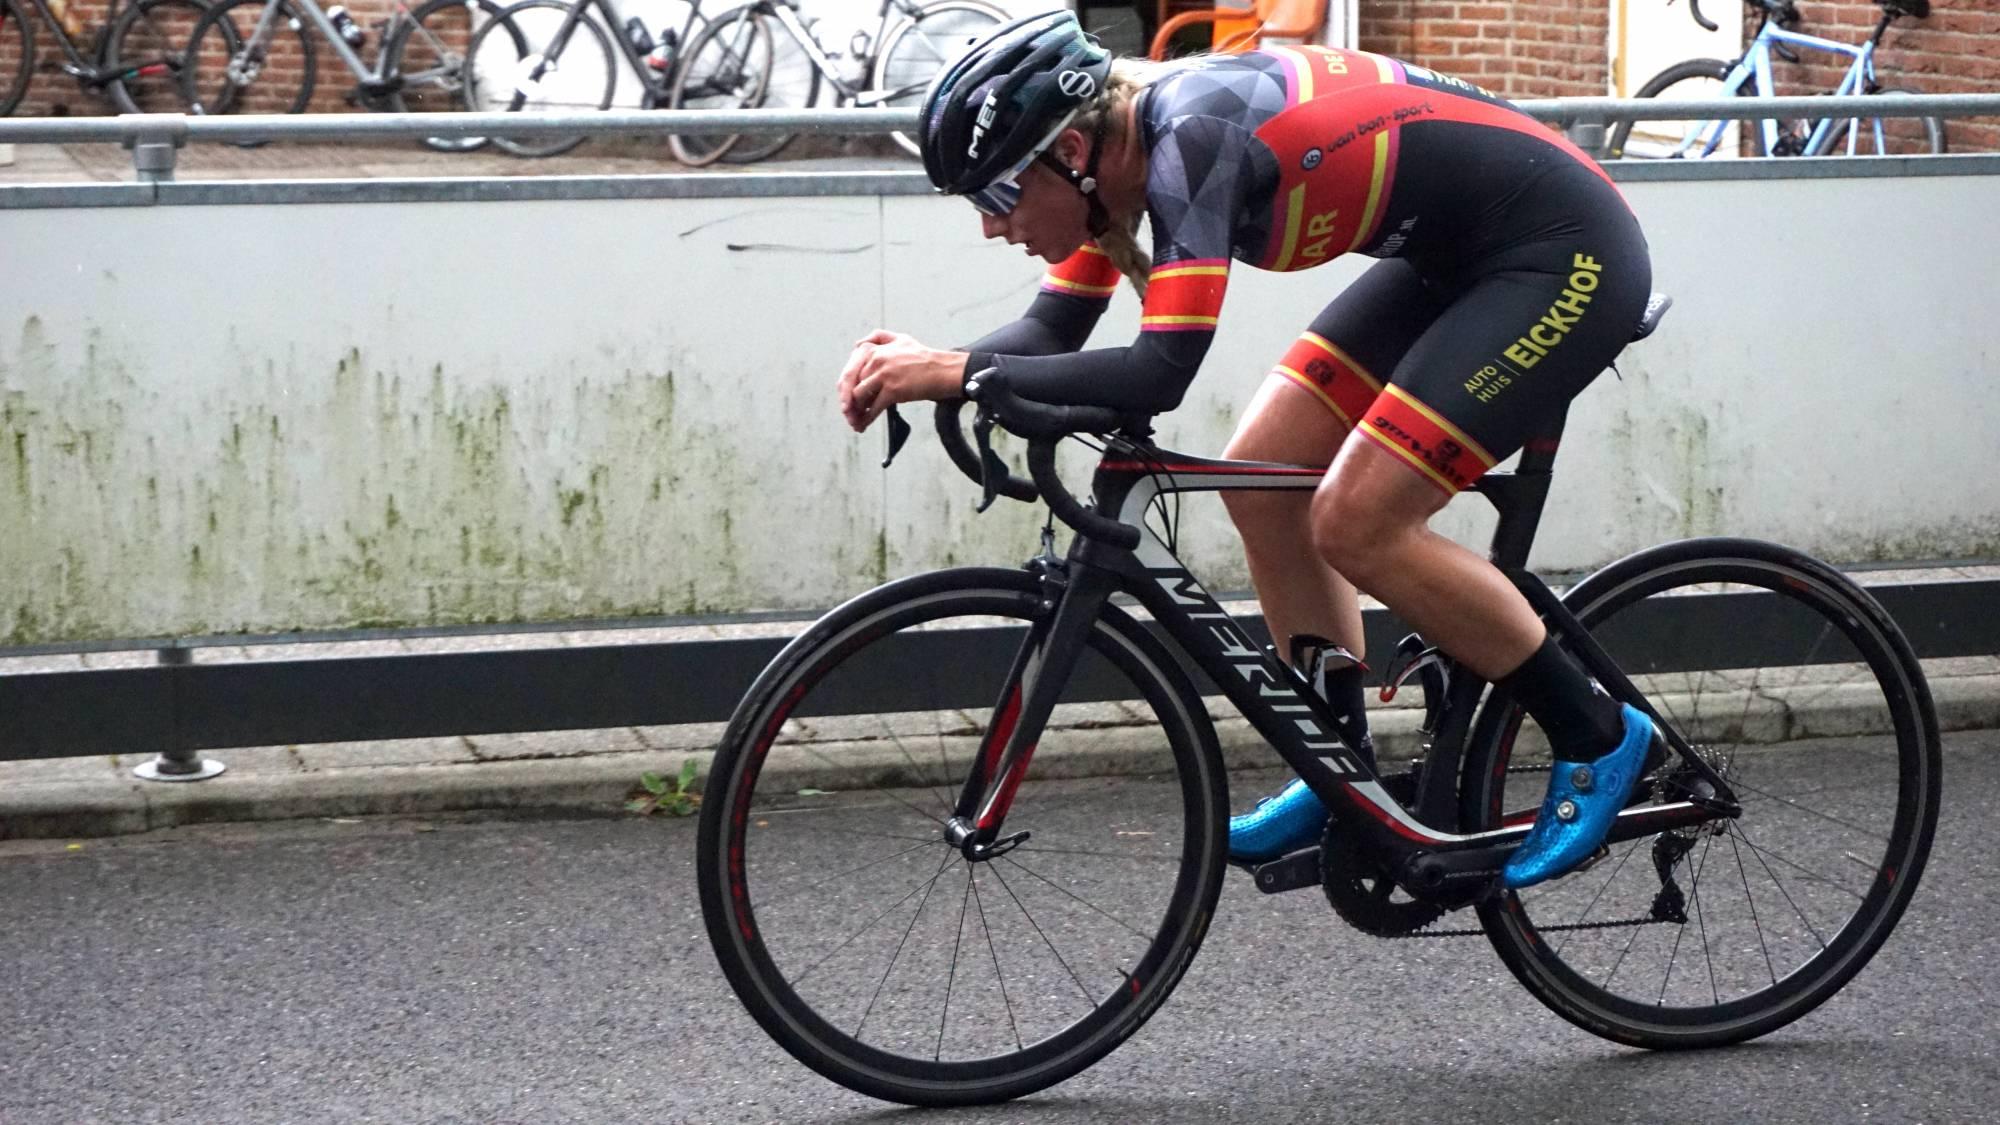 Michelle de Graaf zette eveneens een fraaie tijd neer waarmee zij een plek in de Top 5 van de Cycle Capital Time Trial Challenge wist te bemachtigen.